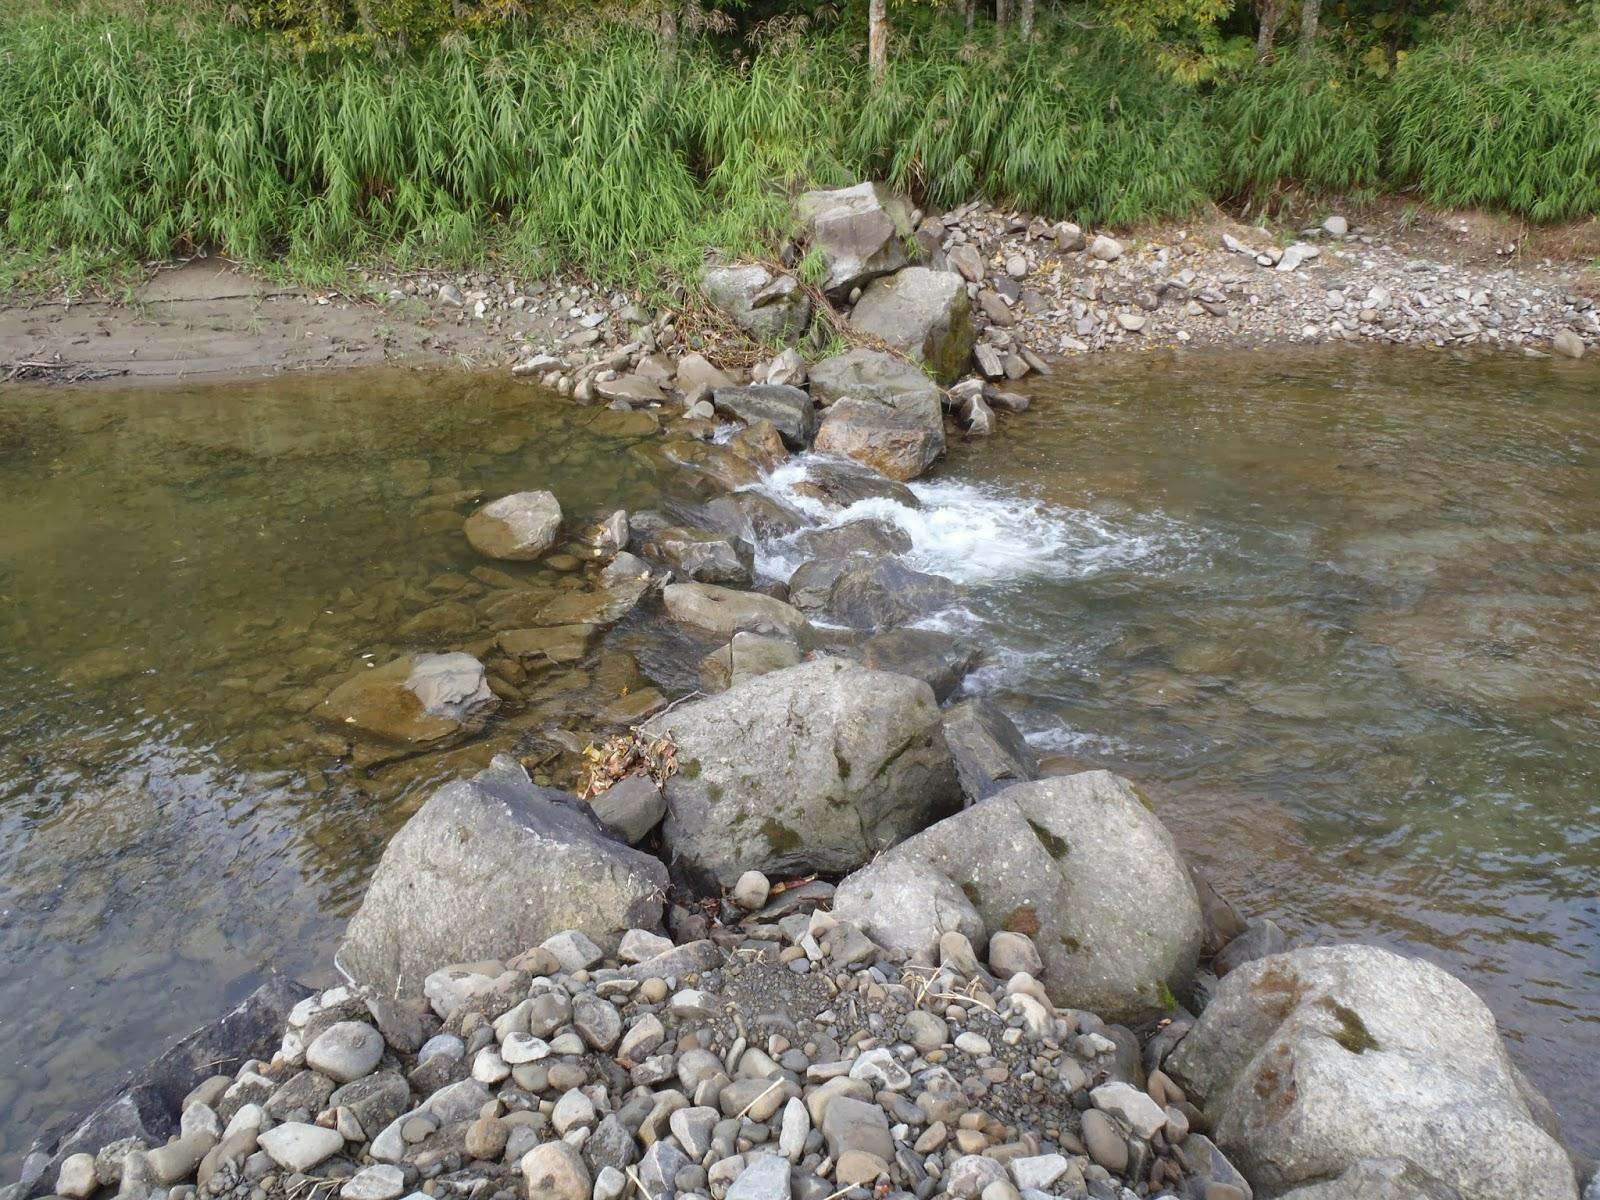 幾春別川そしてカヌー: 幾春別川...